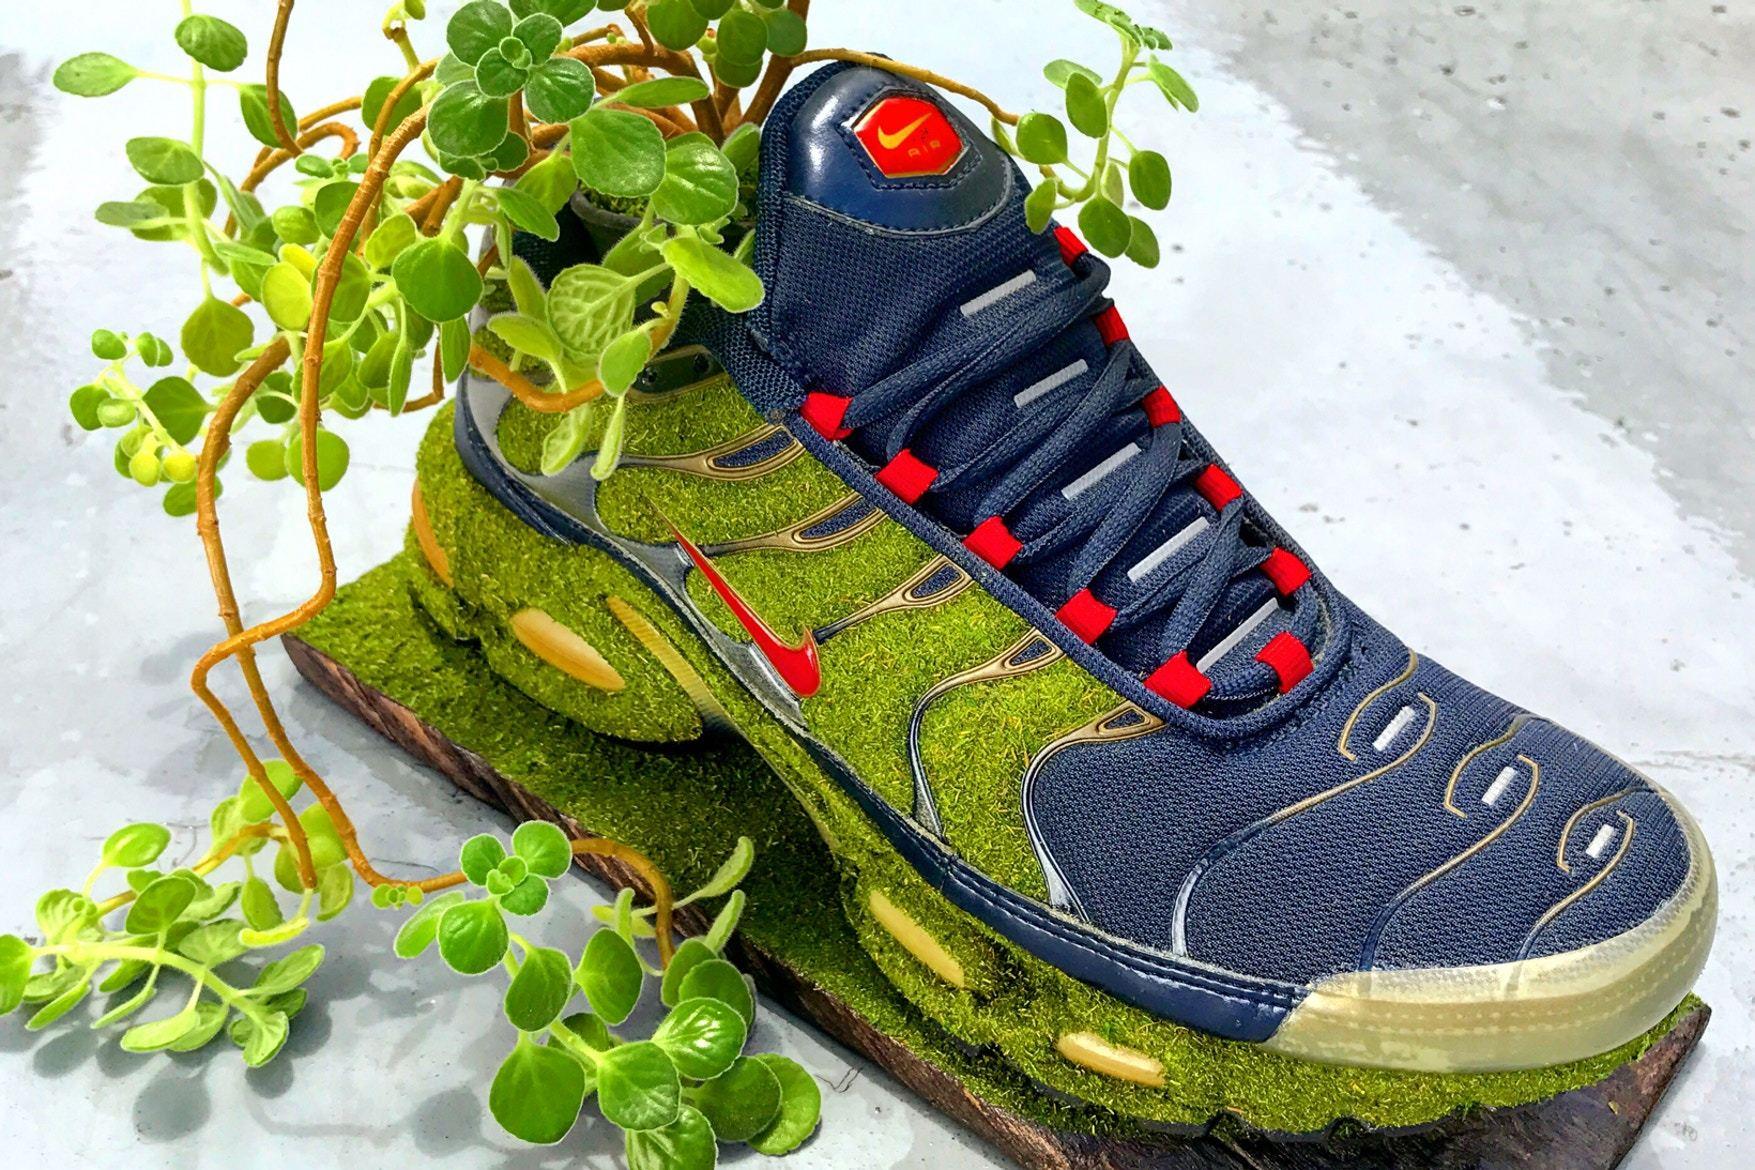 Artist Shoetree Nike Sneakers Sculptural Houseplants 8